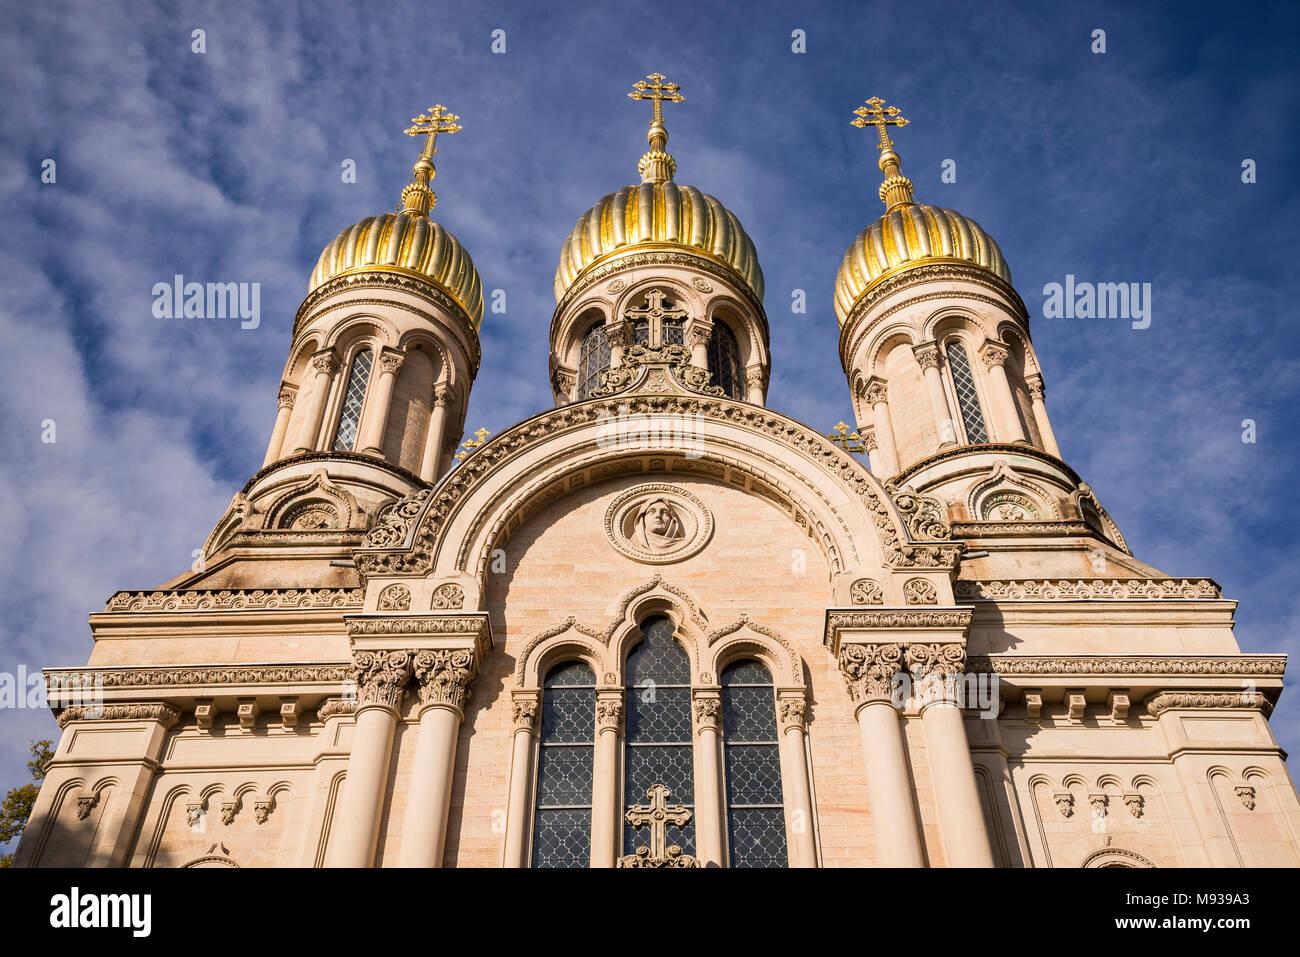 Russisch-Orthodoxe Kirche, Wiesbaden, Hessen, Deutschland Stock Photo